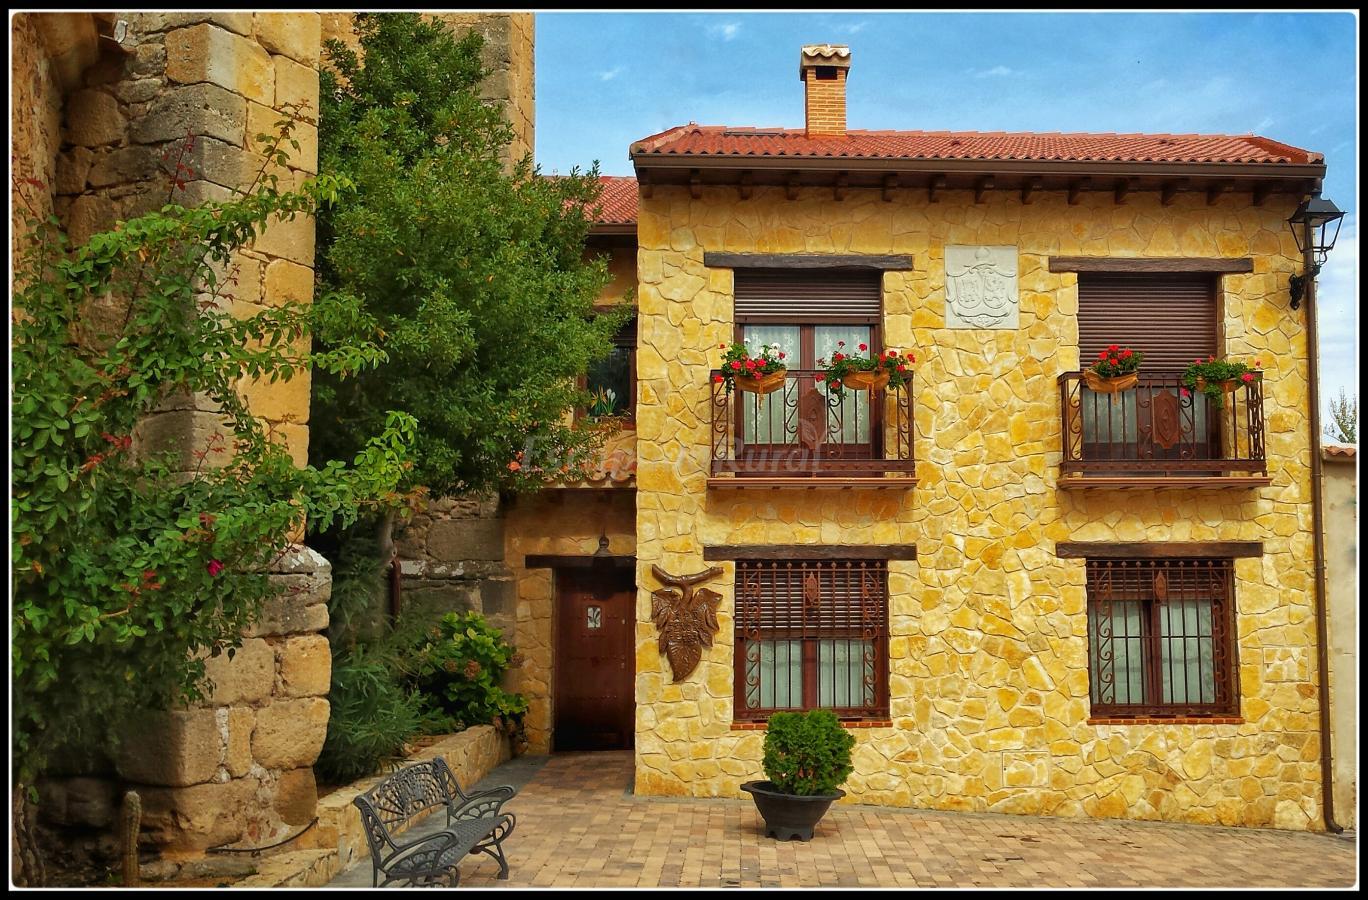 Fotos de apartamentos rurales se ora clara casa rural en arbanc n guadalajara - Casas rurales guadalajara baratas ...